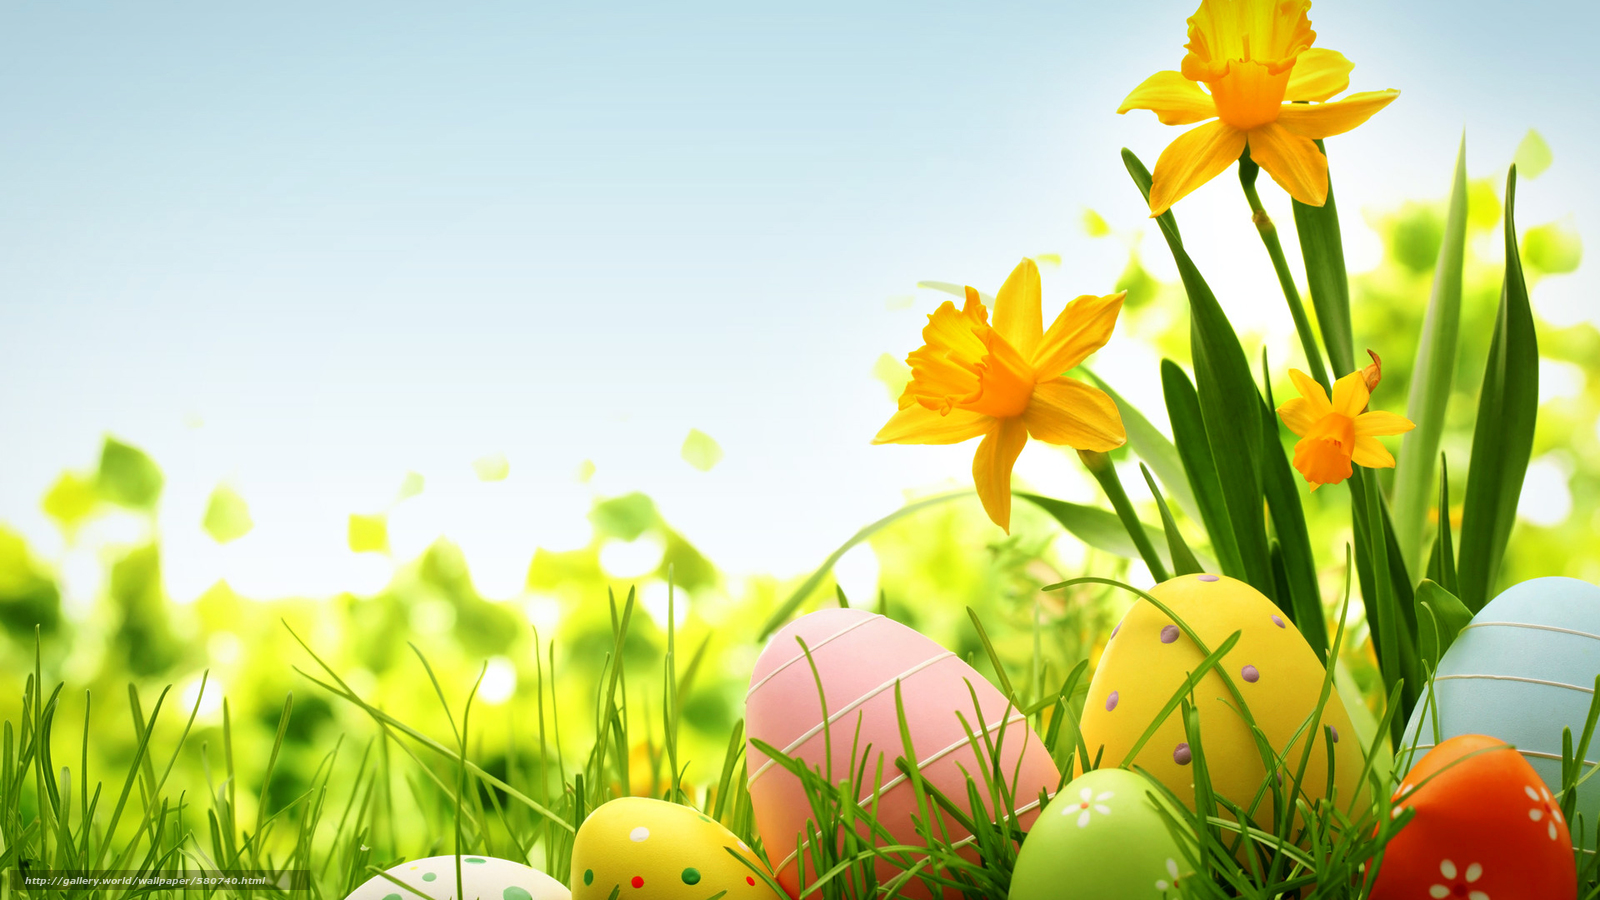 Scaricare gli sfondi primavera fiori pasqua uova sfondi for Immagini gratis per desktop primavera